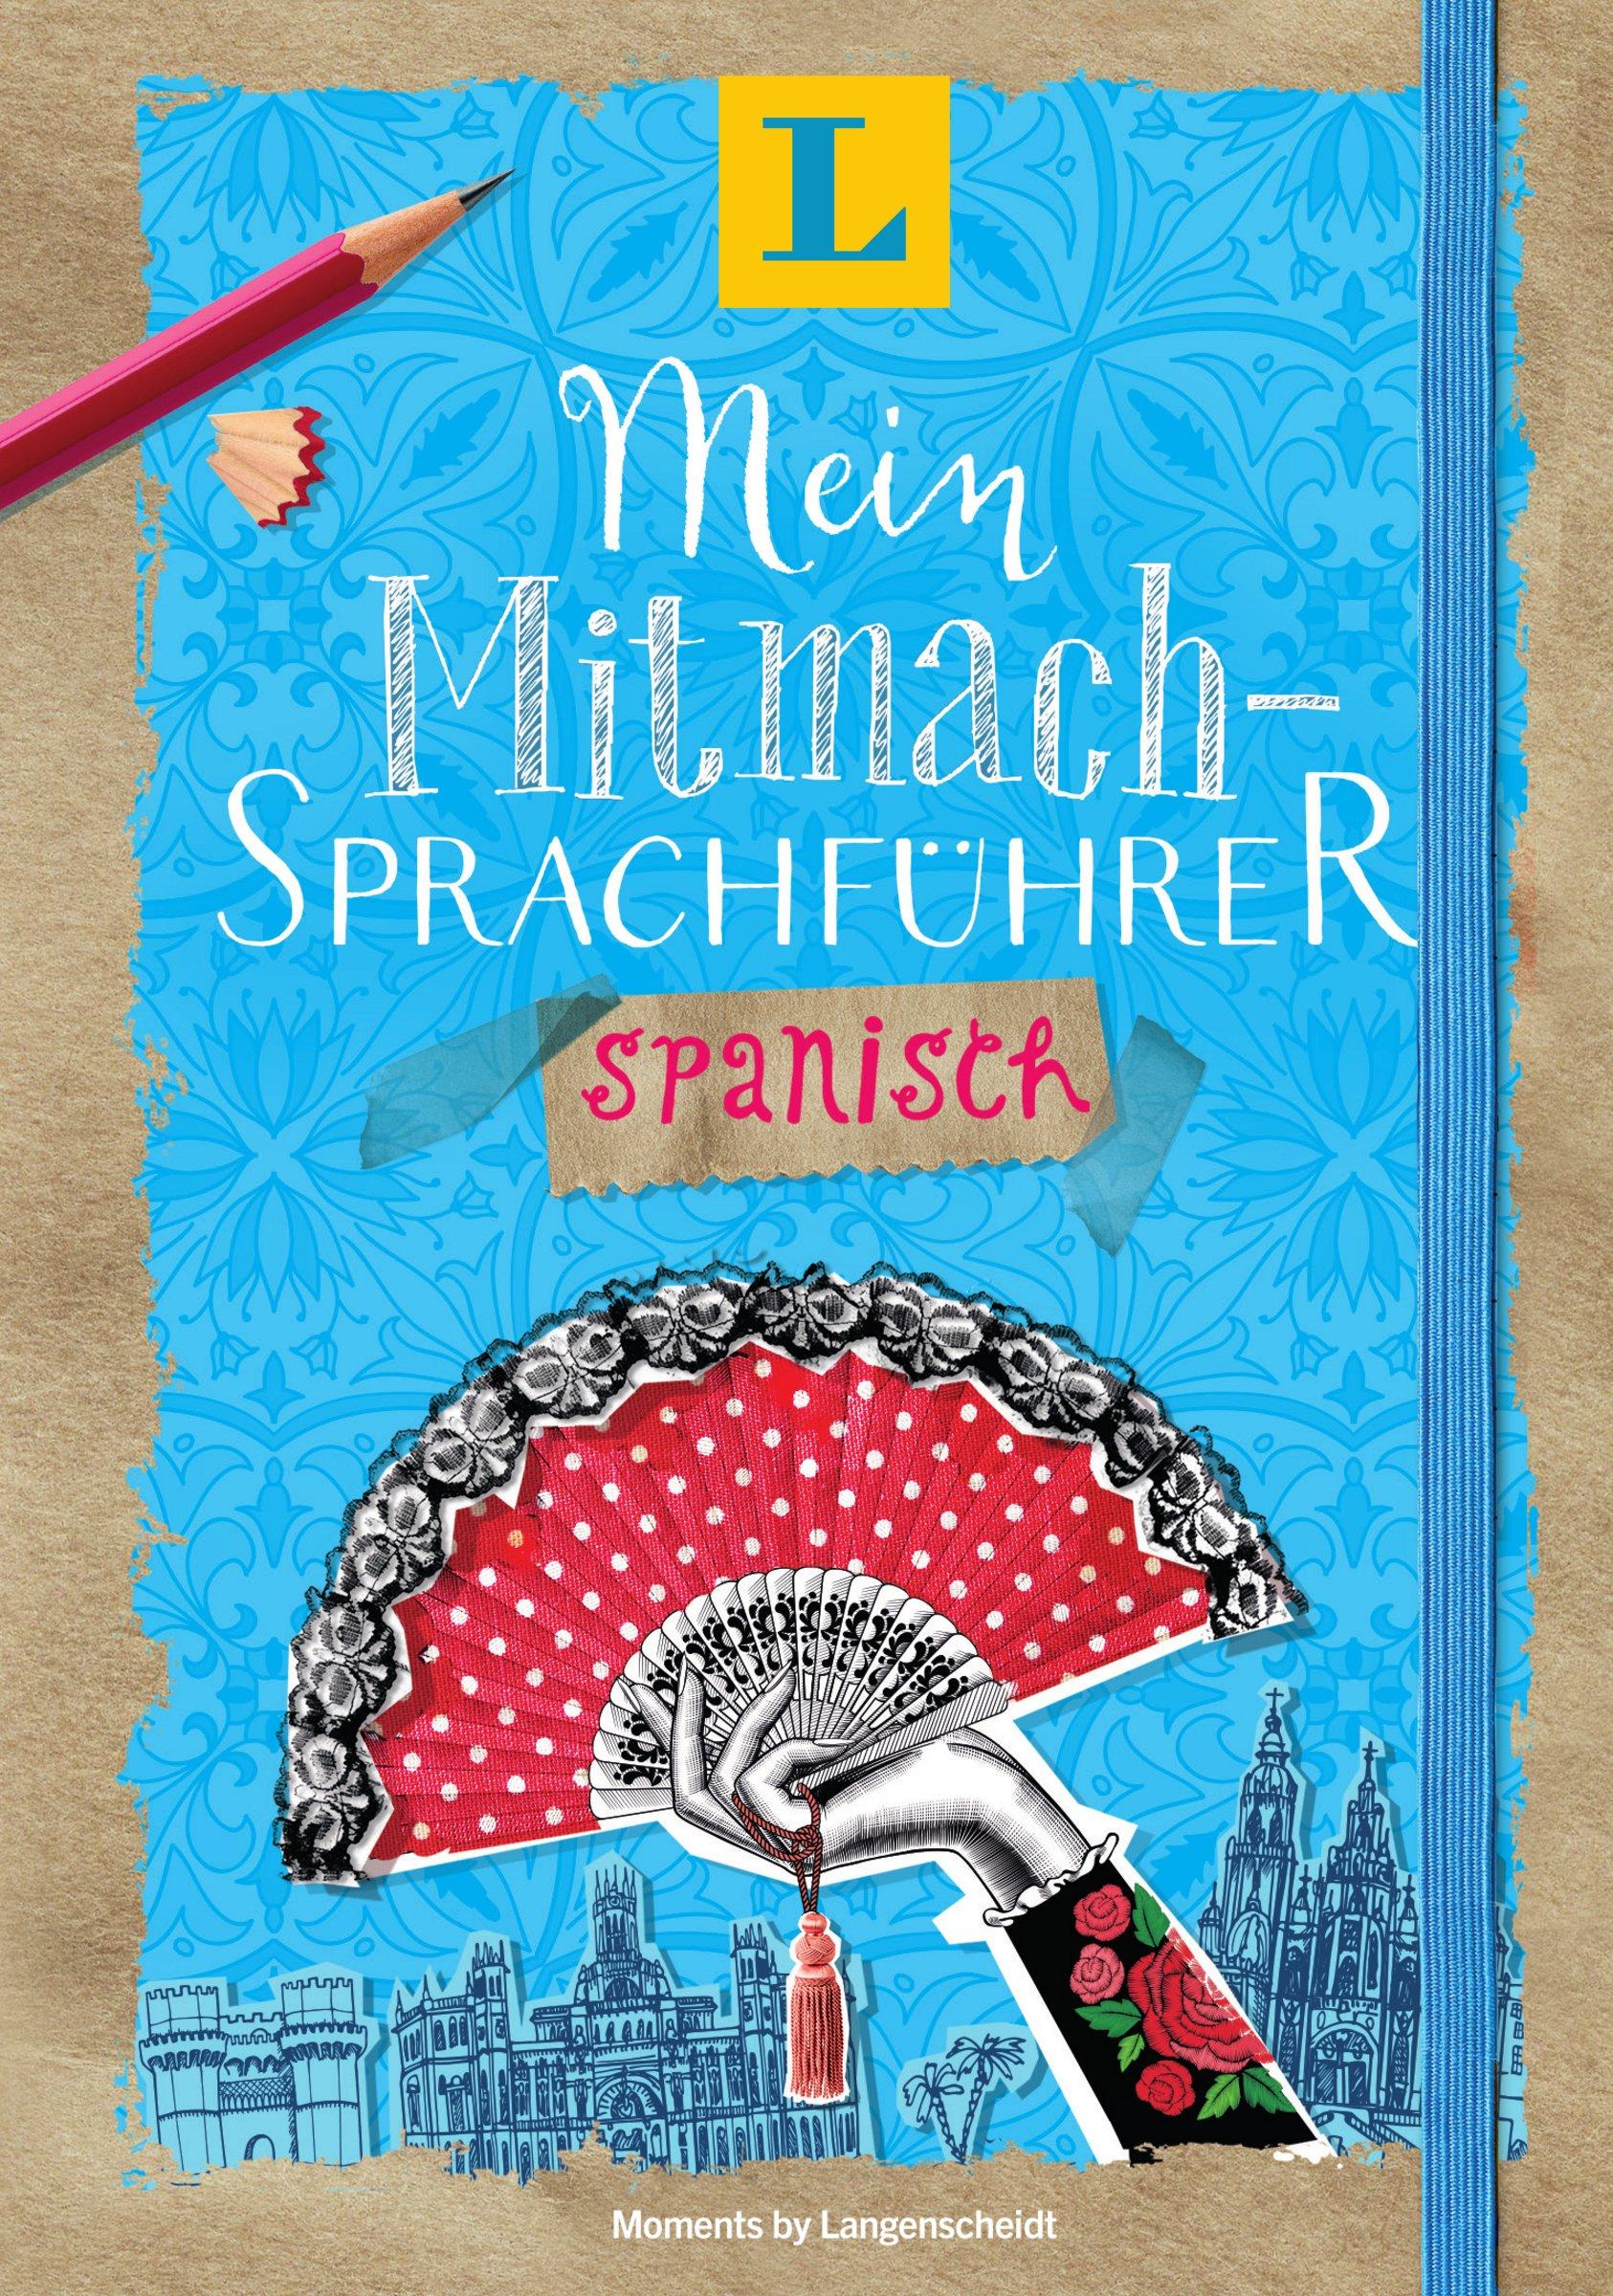 Langenscheidt Mein Mitmach Sprachführer Spanisch   Sprache Kreativ Erleben  Moments By Langenscheidt